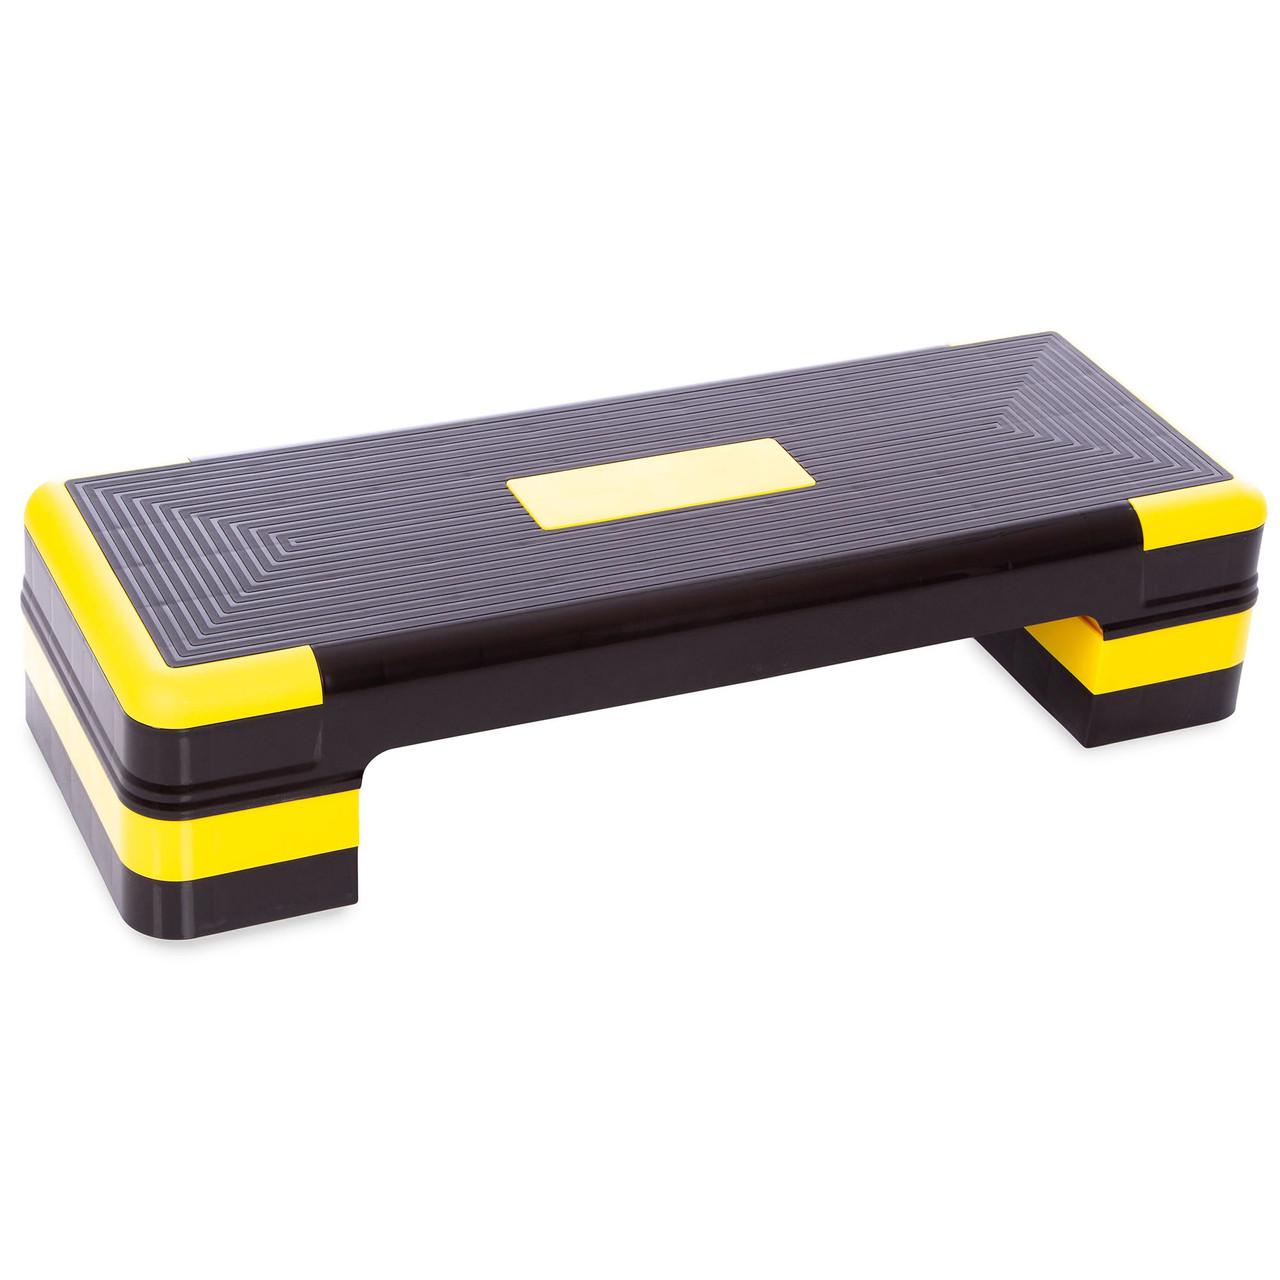 Степ-платформа FI-1574 (PP, р-р 90Lx34Wx10-20Нсм, чорний)